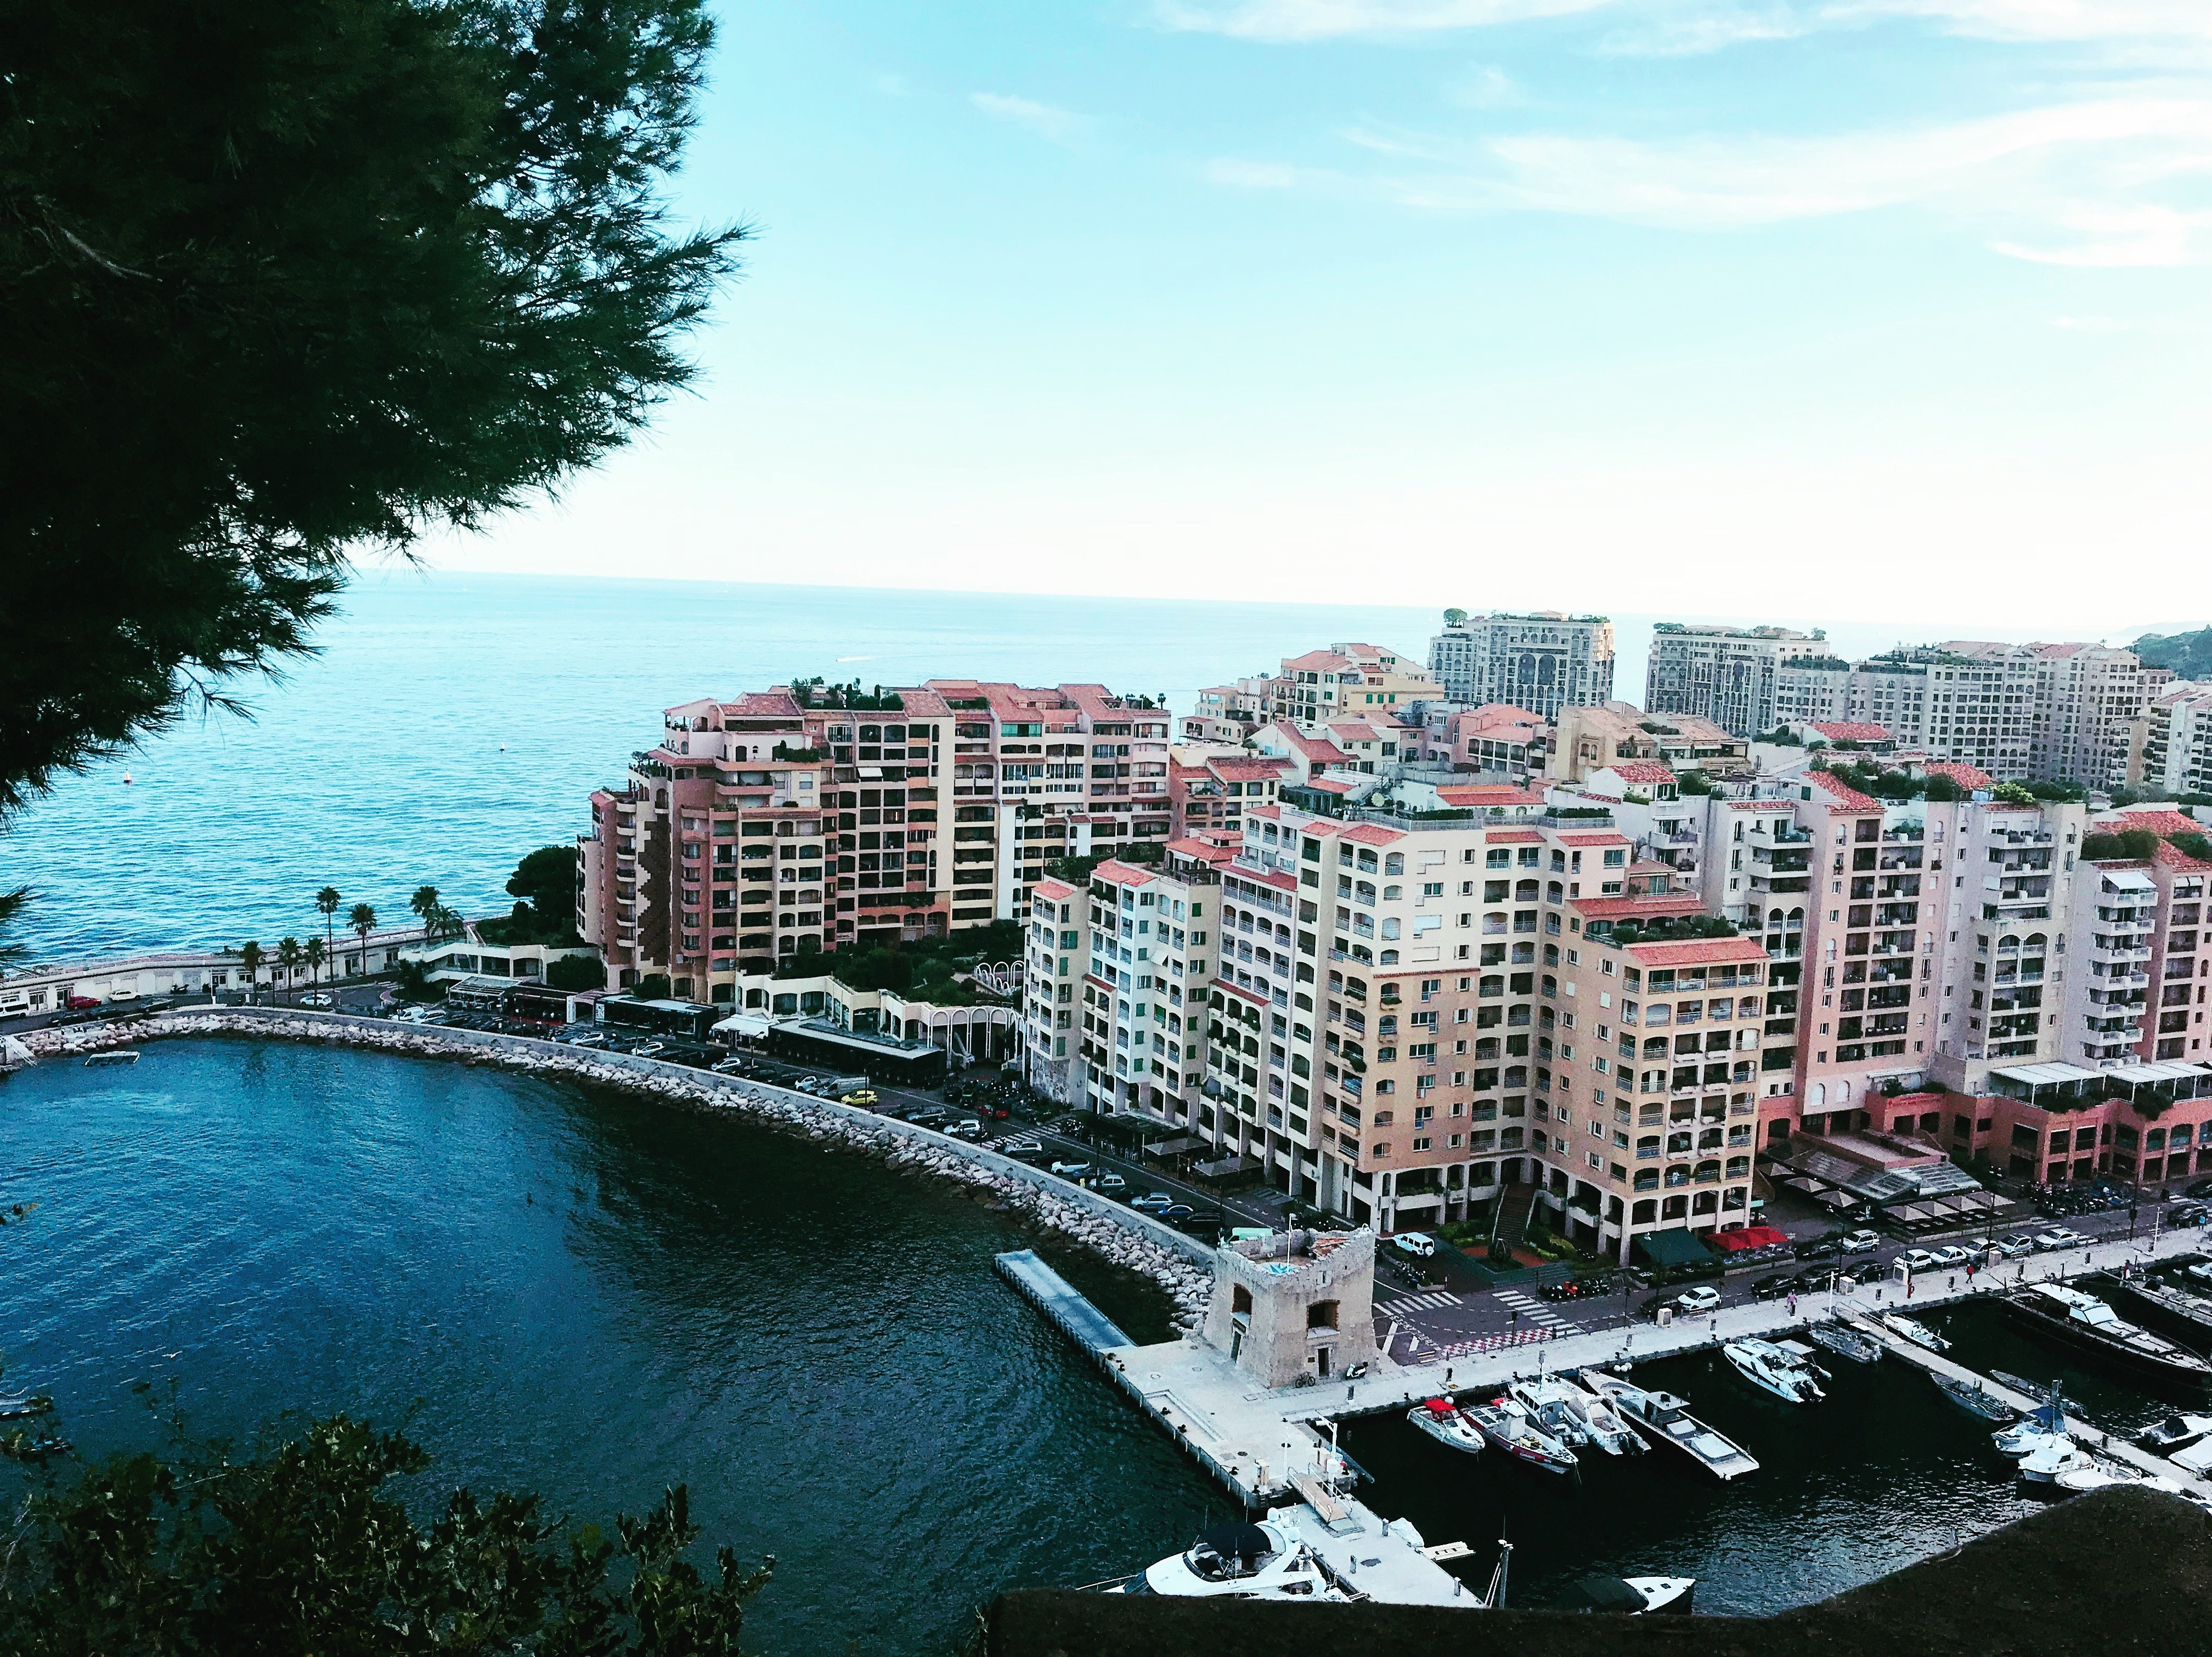 Монако 🇲🇨 чудесное и необыкновенно красивое княжество